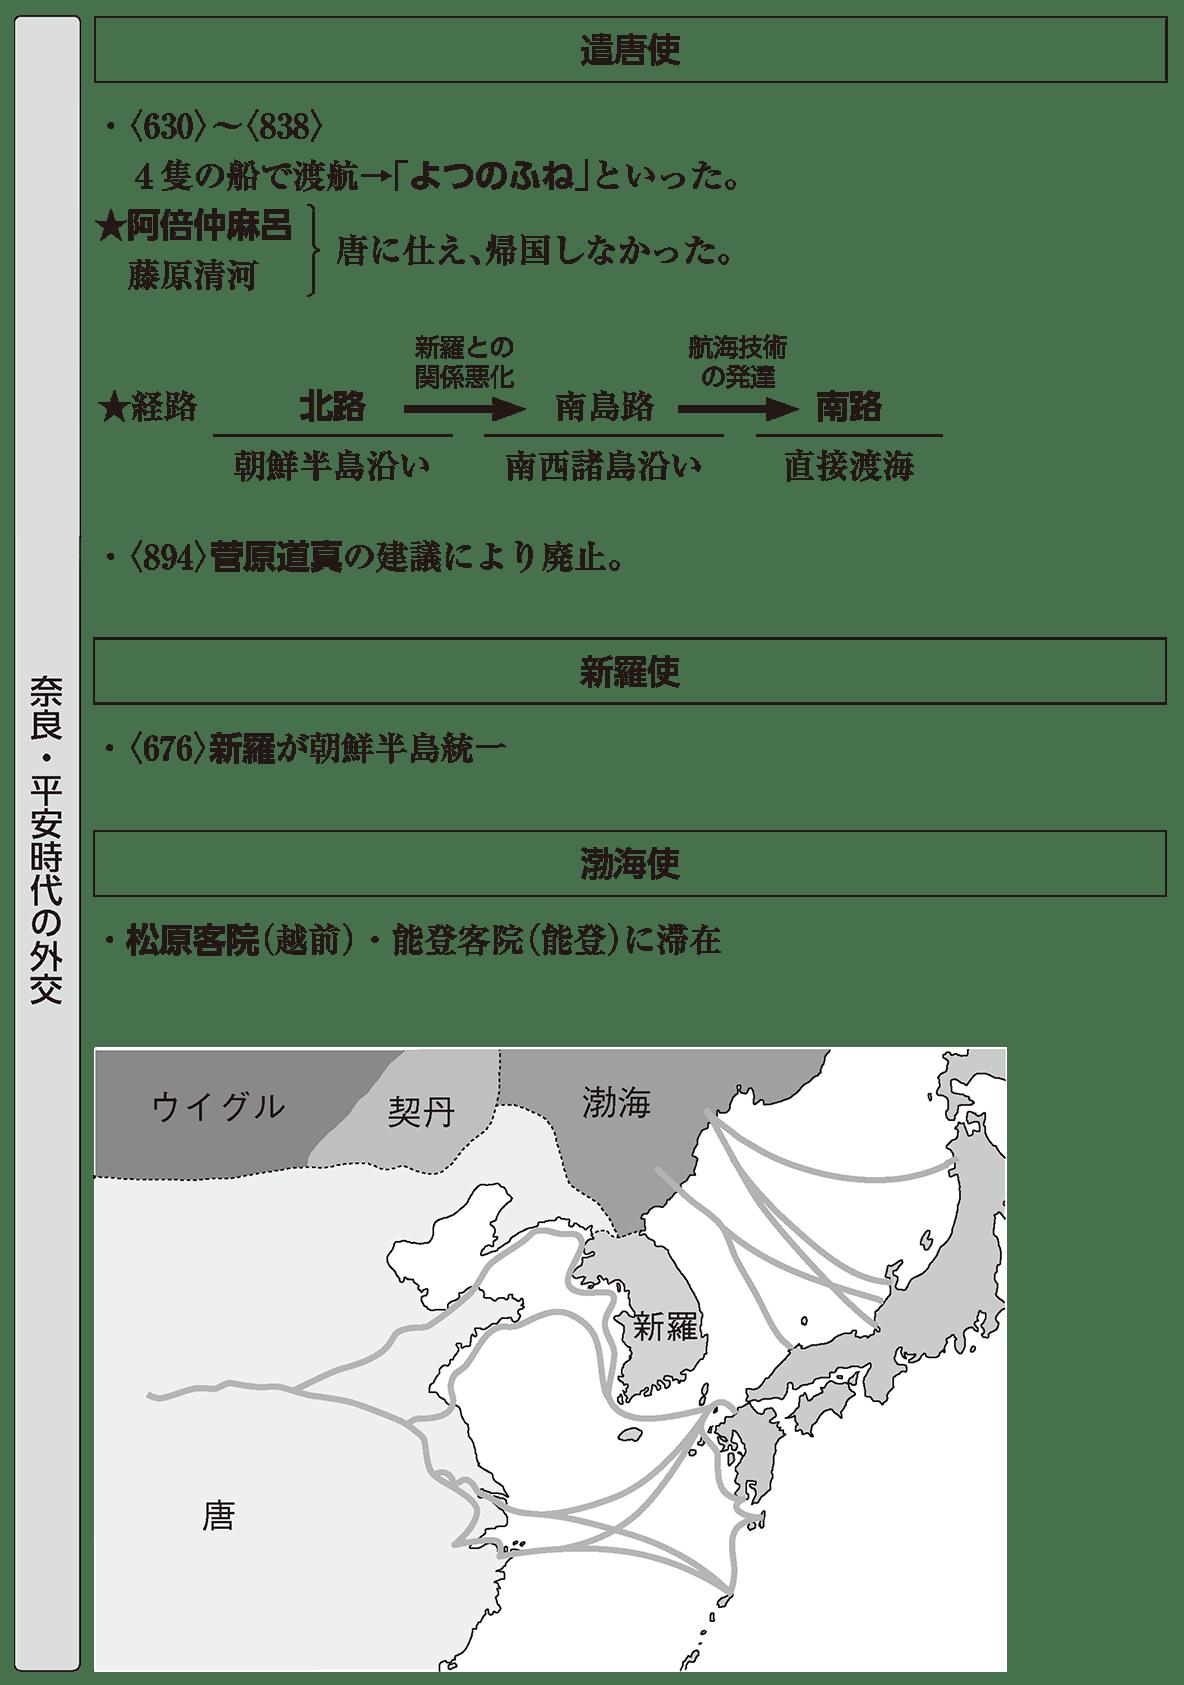 奈良時代5 ポイント2 奈良・平安時代の外交 左・右ページ全て